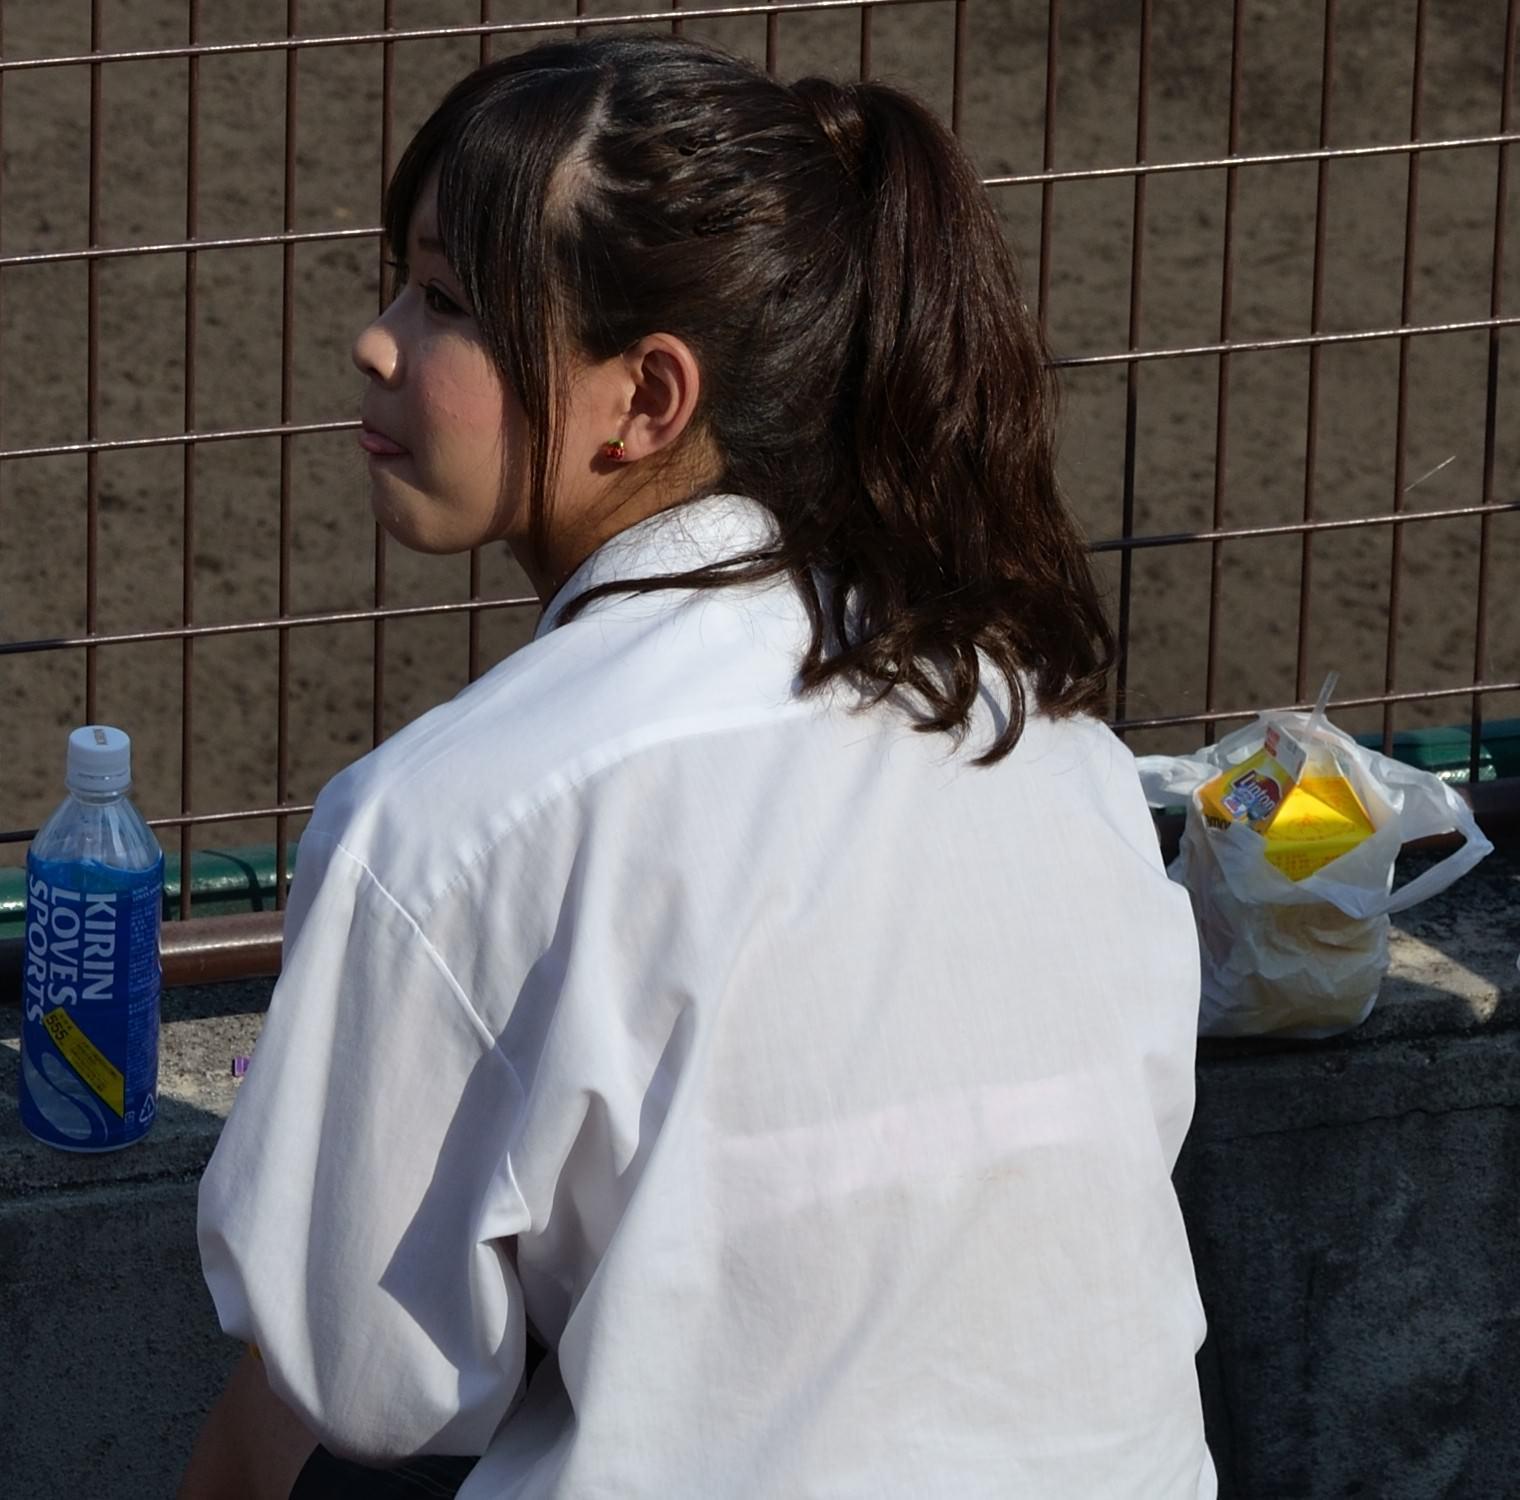 偶然見えちゃった女子校生のお尻が可愛かったエロ画像 sE932vq